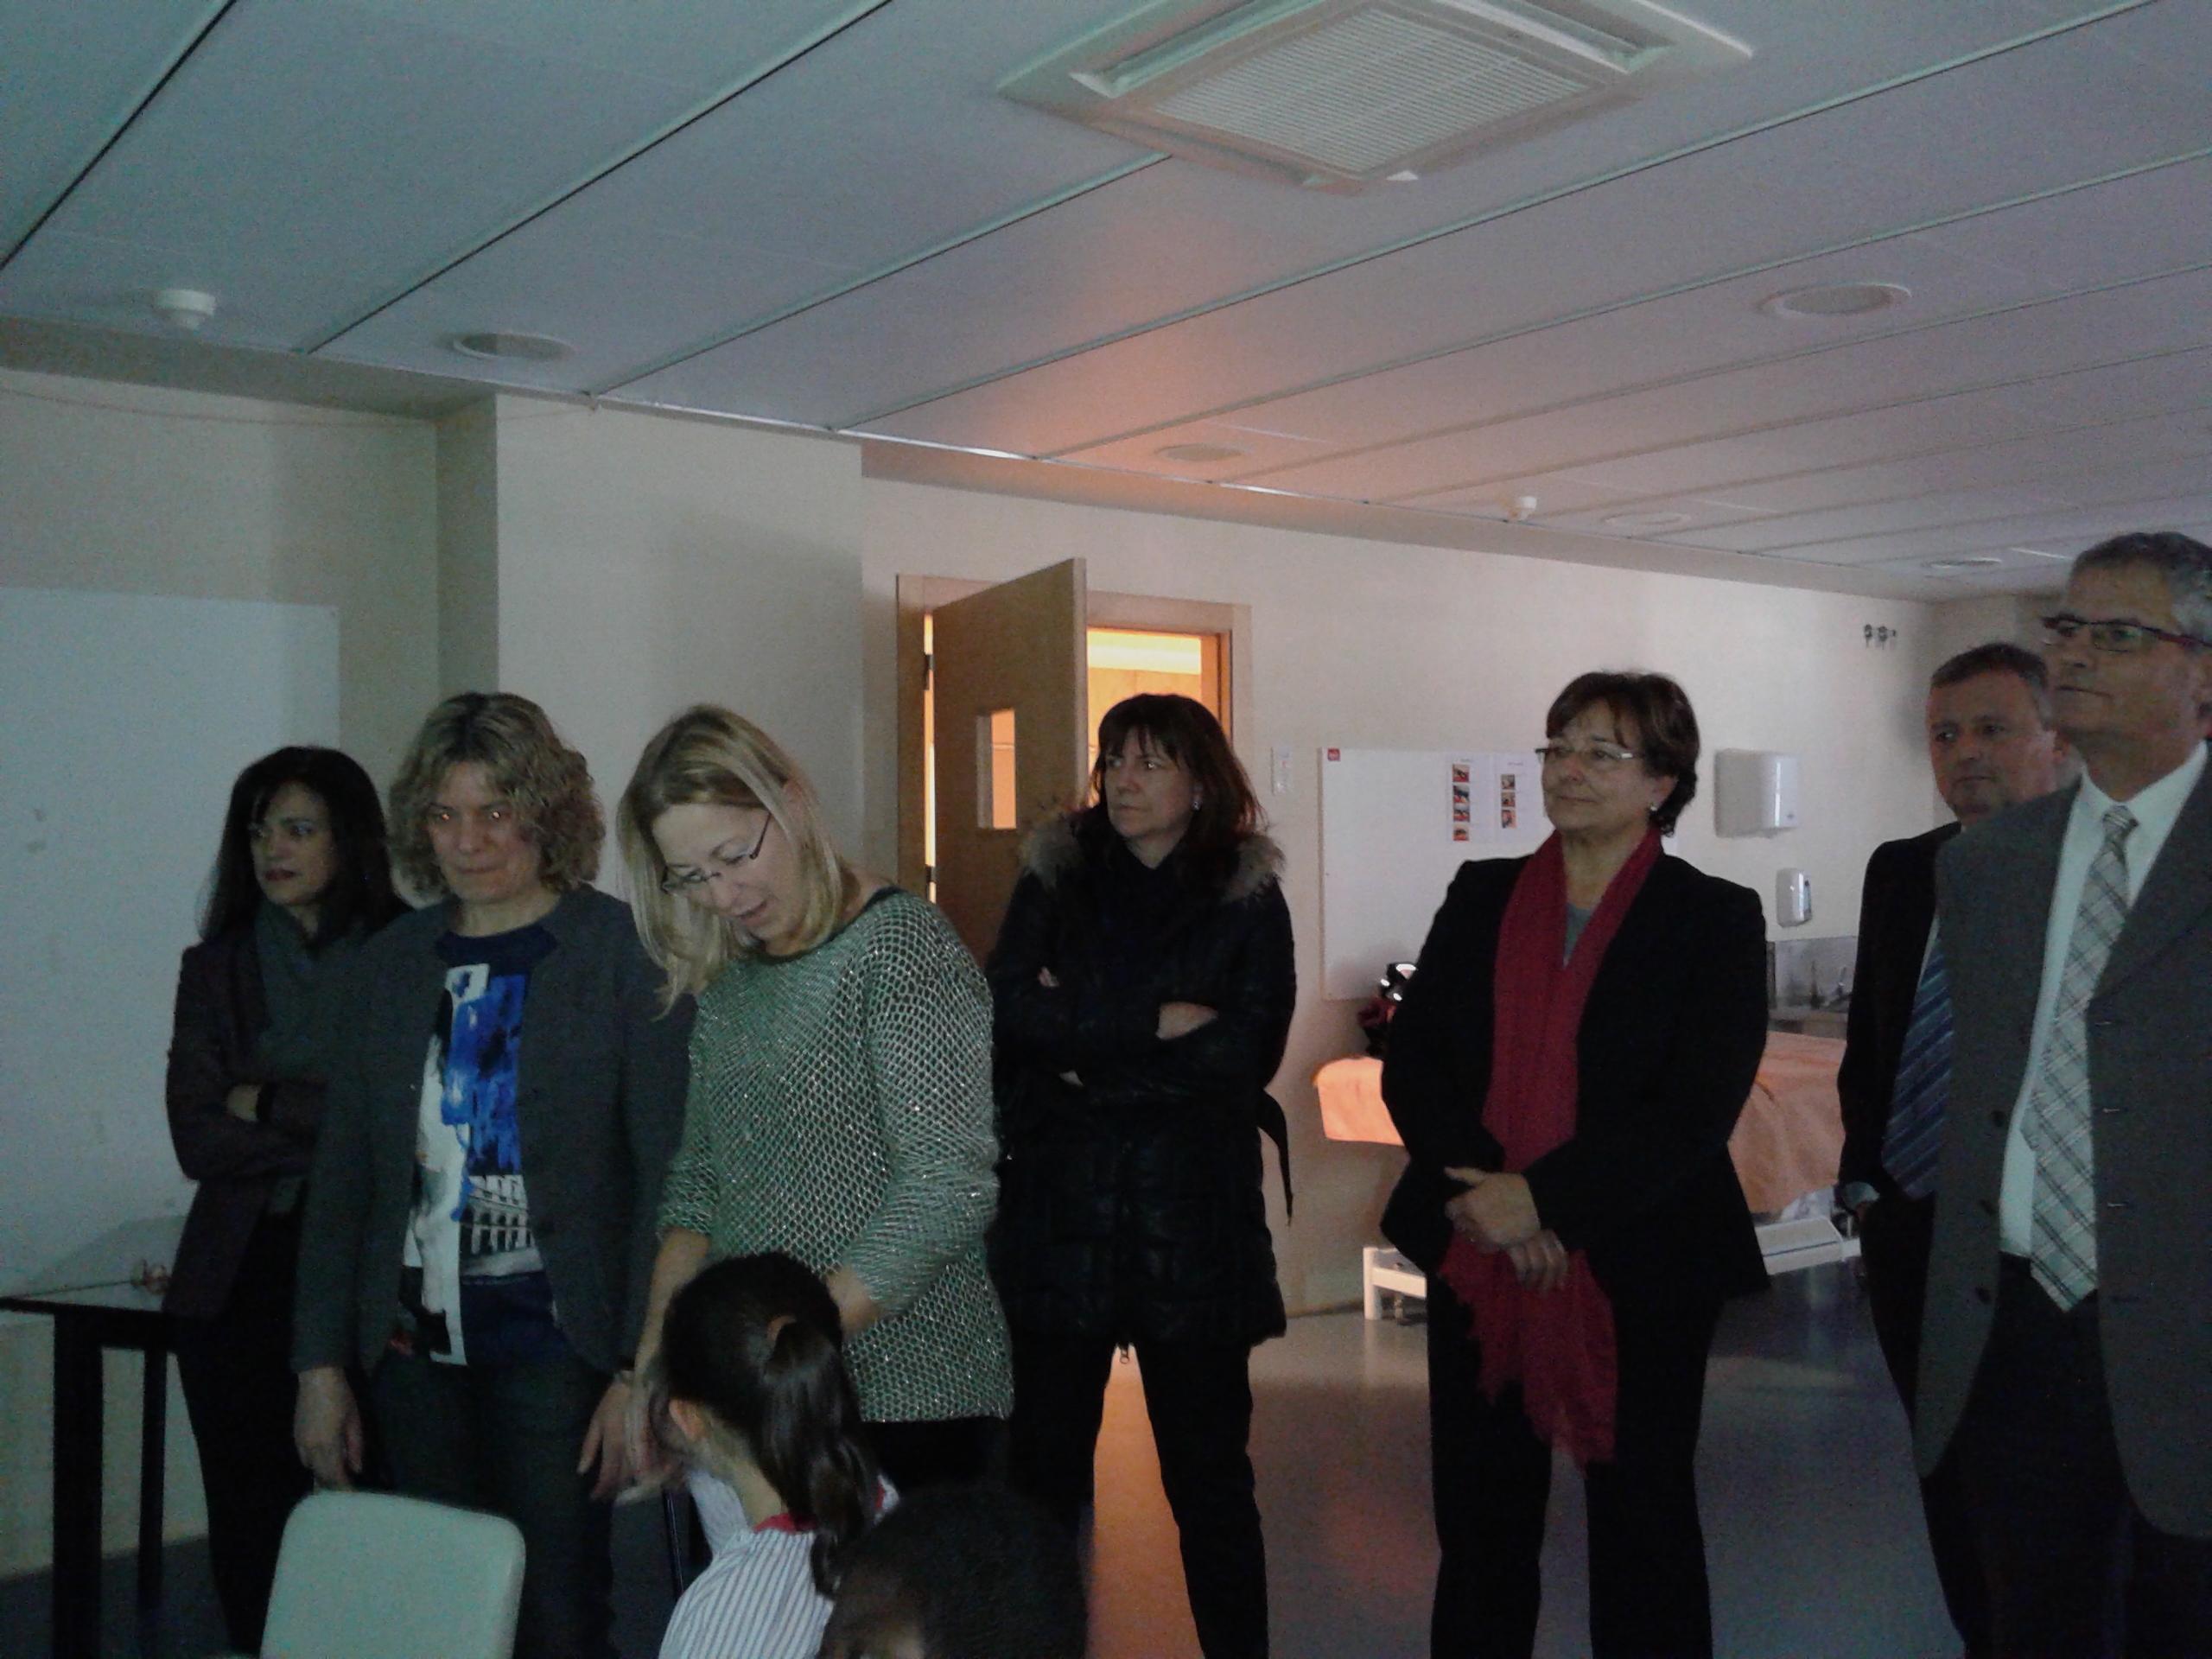 Visita de la Honorable Consellera Sra. Neus Munté a l'Escola i Residència Infantil Joan Riu